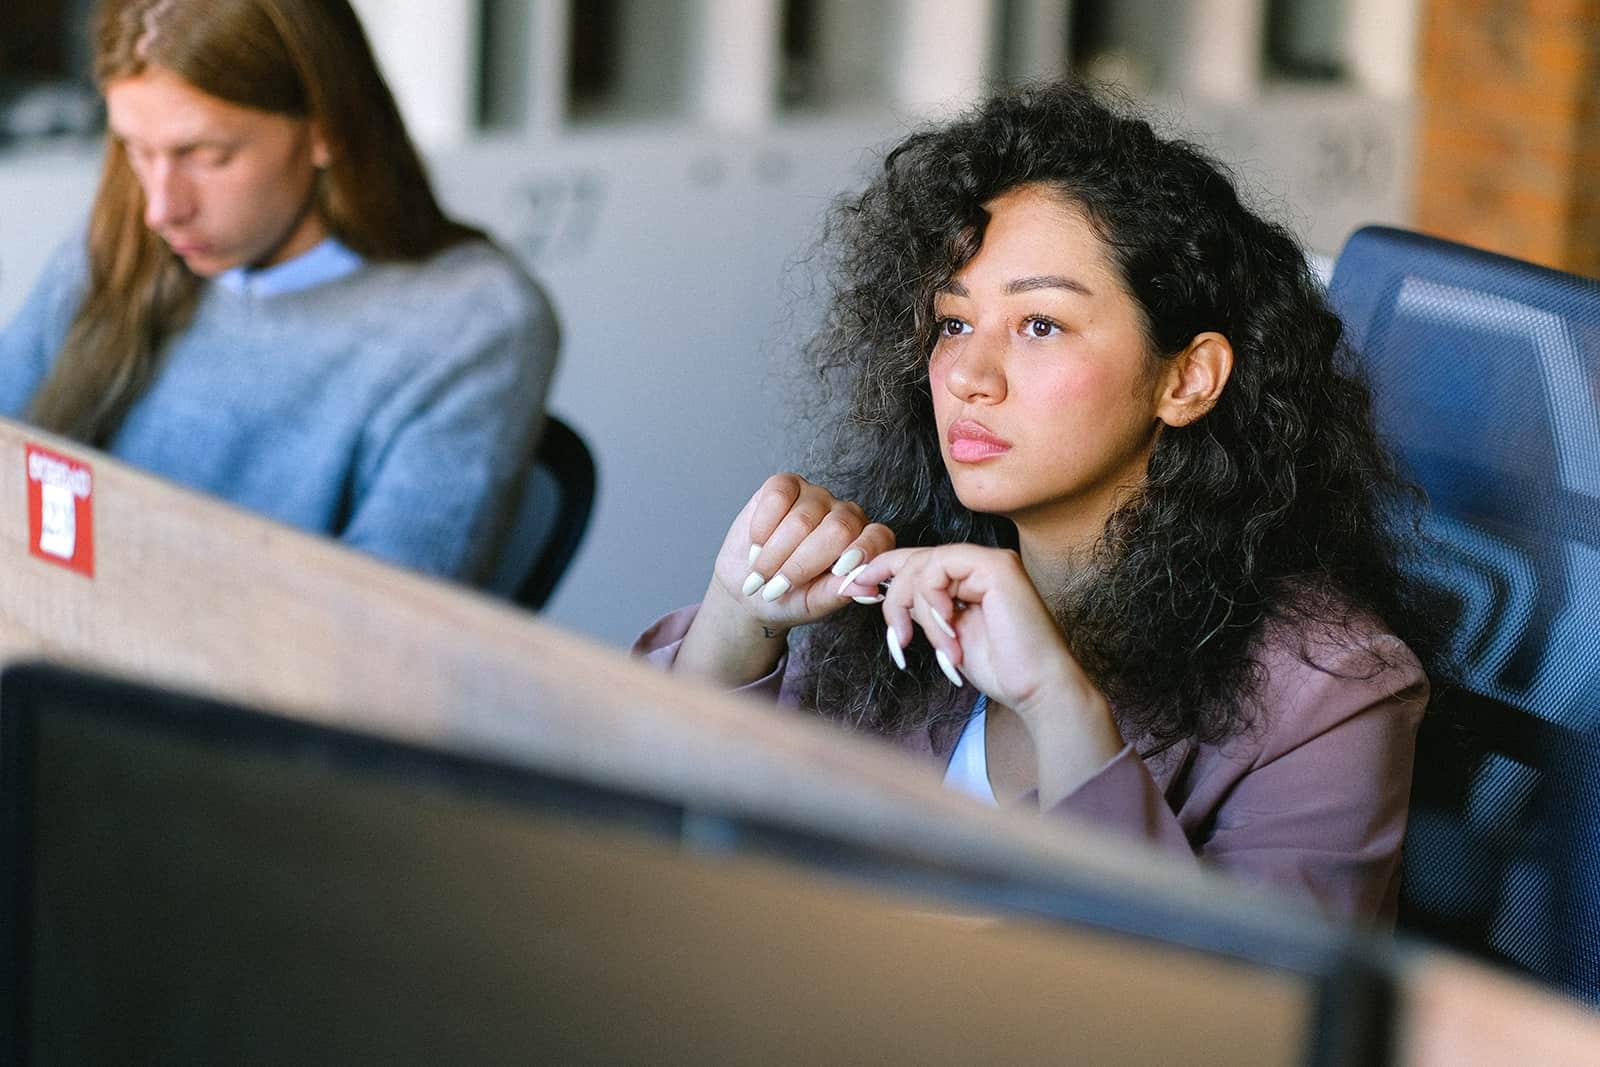 Une femme pensive assise sur le lieu de travail et regardant droit